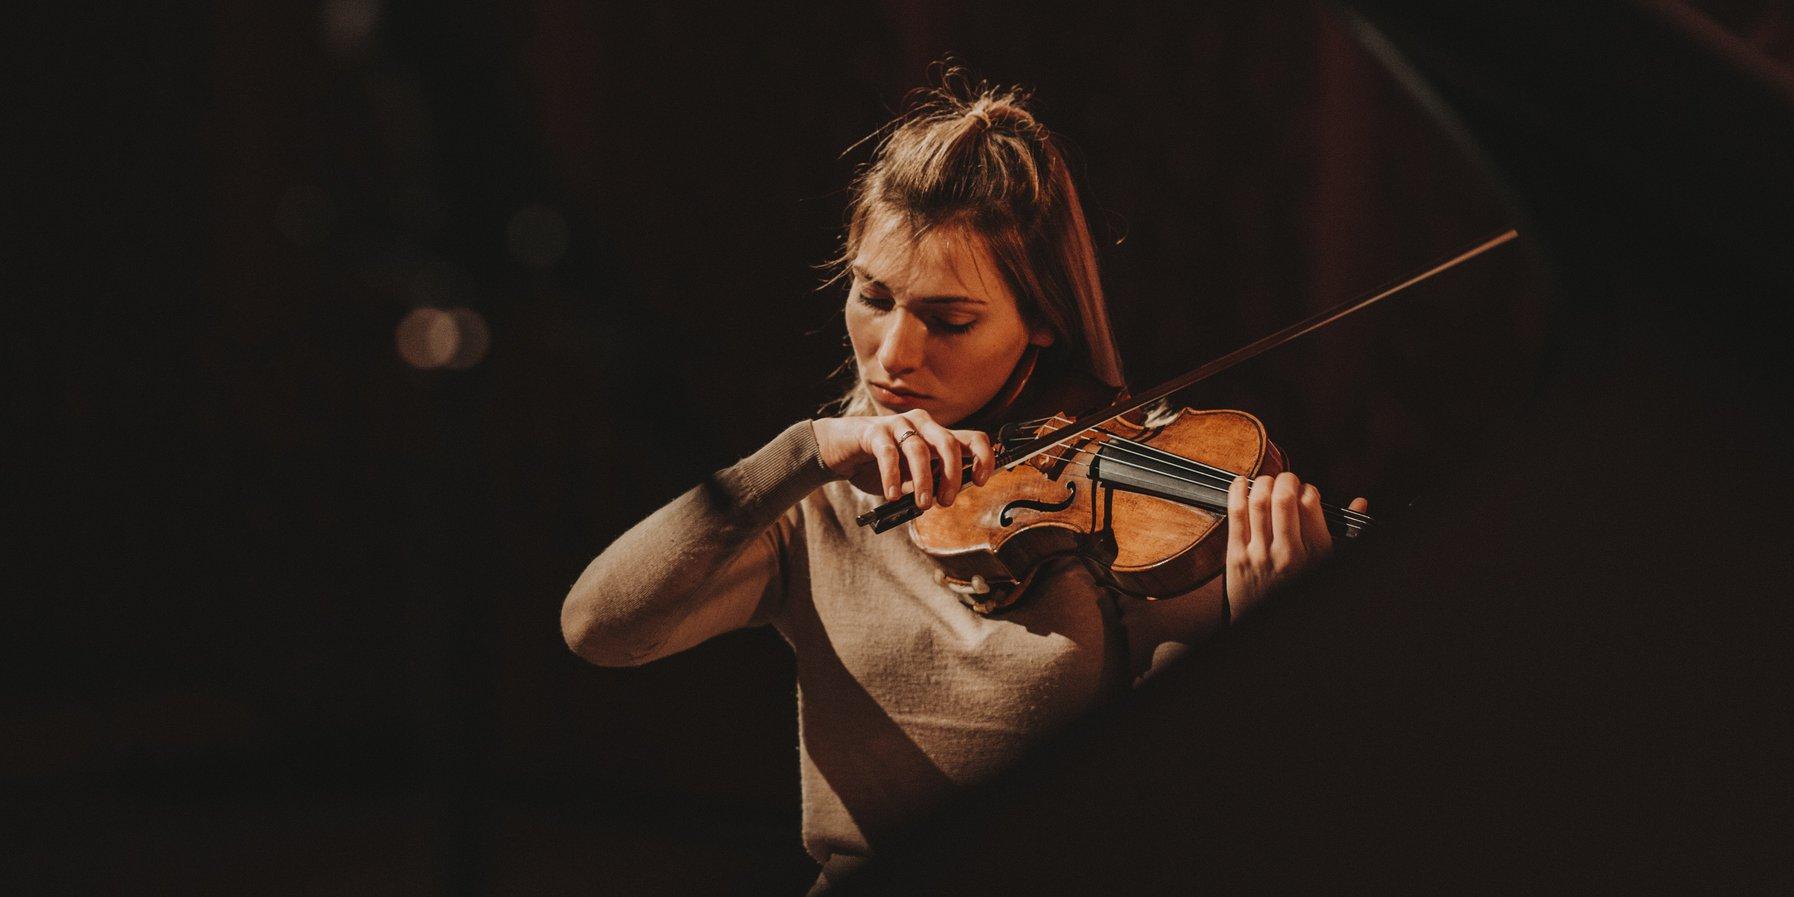 Diana Tishchenko / Rehearsal at the Elbphilharmonie